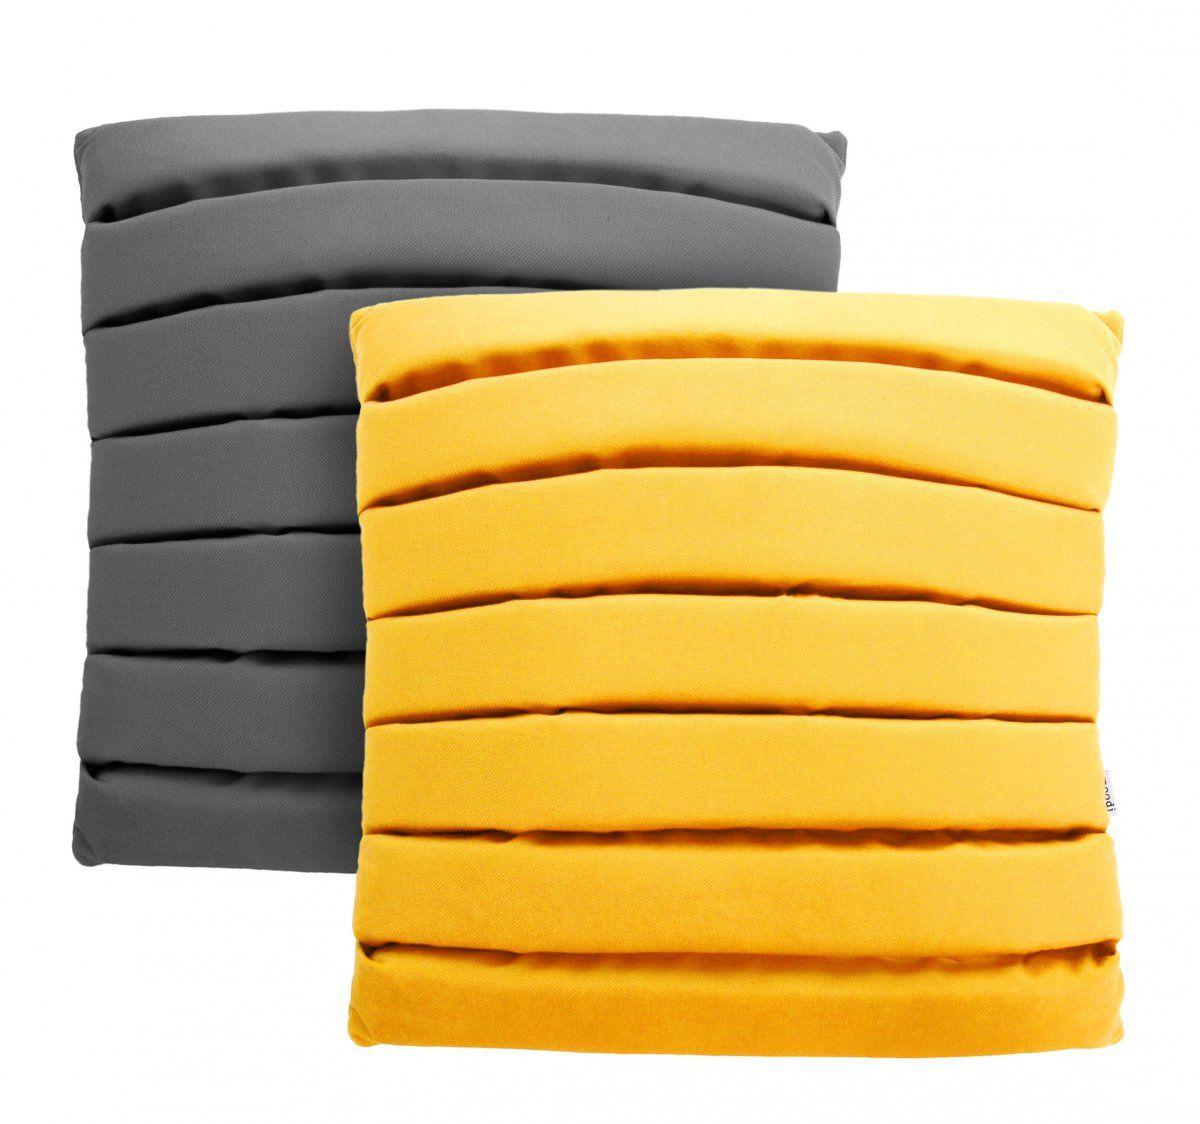 Zestaw 2 poduszek Level MOODI 40x40 cm. szary i żółty